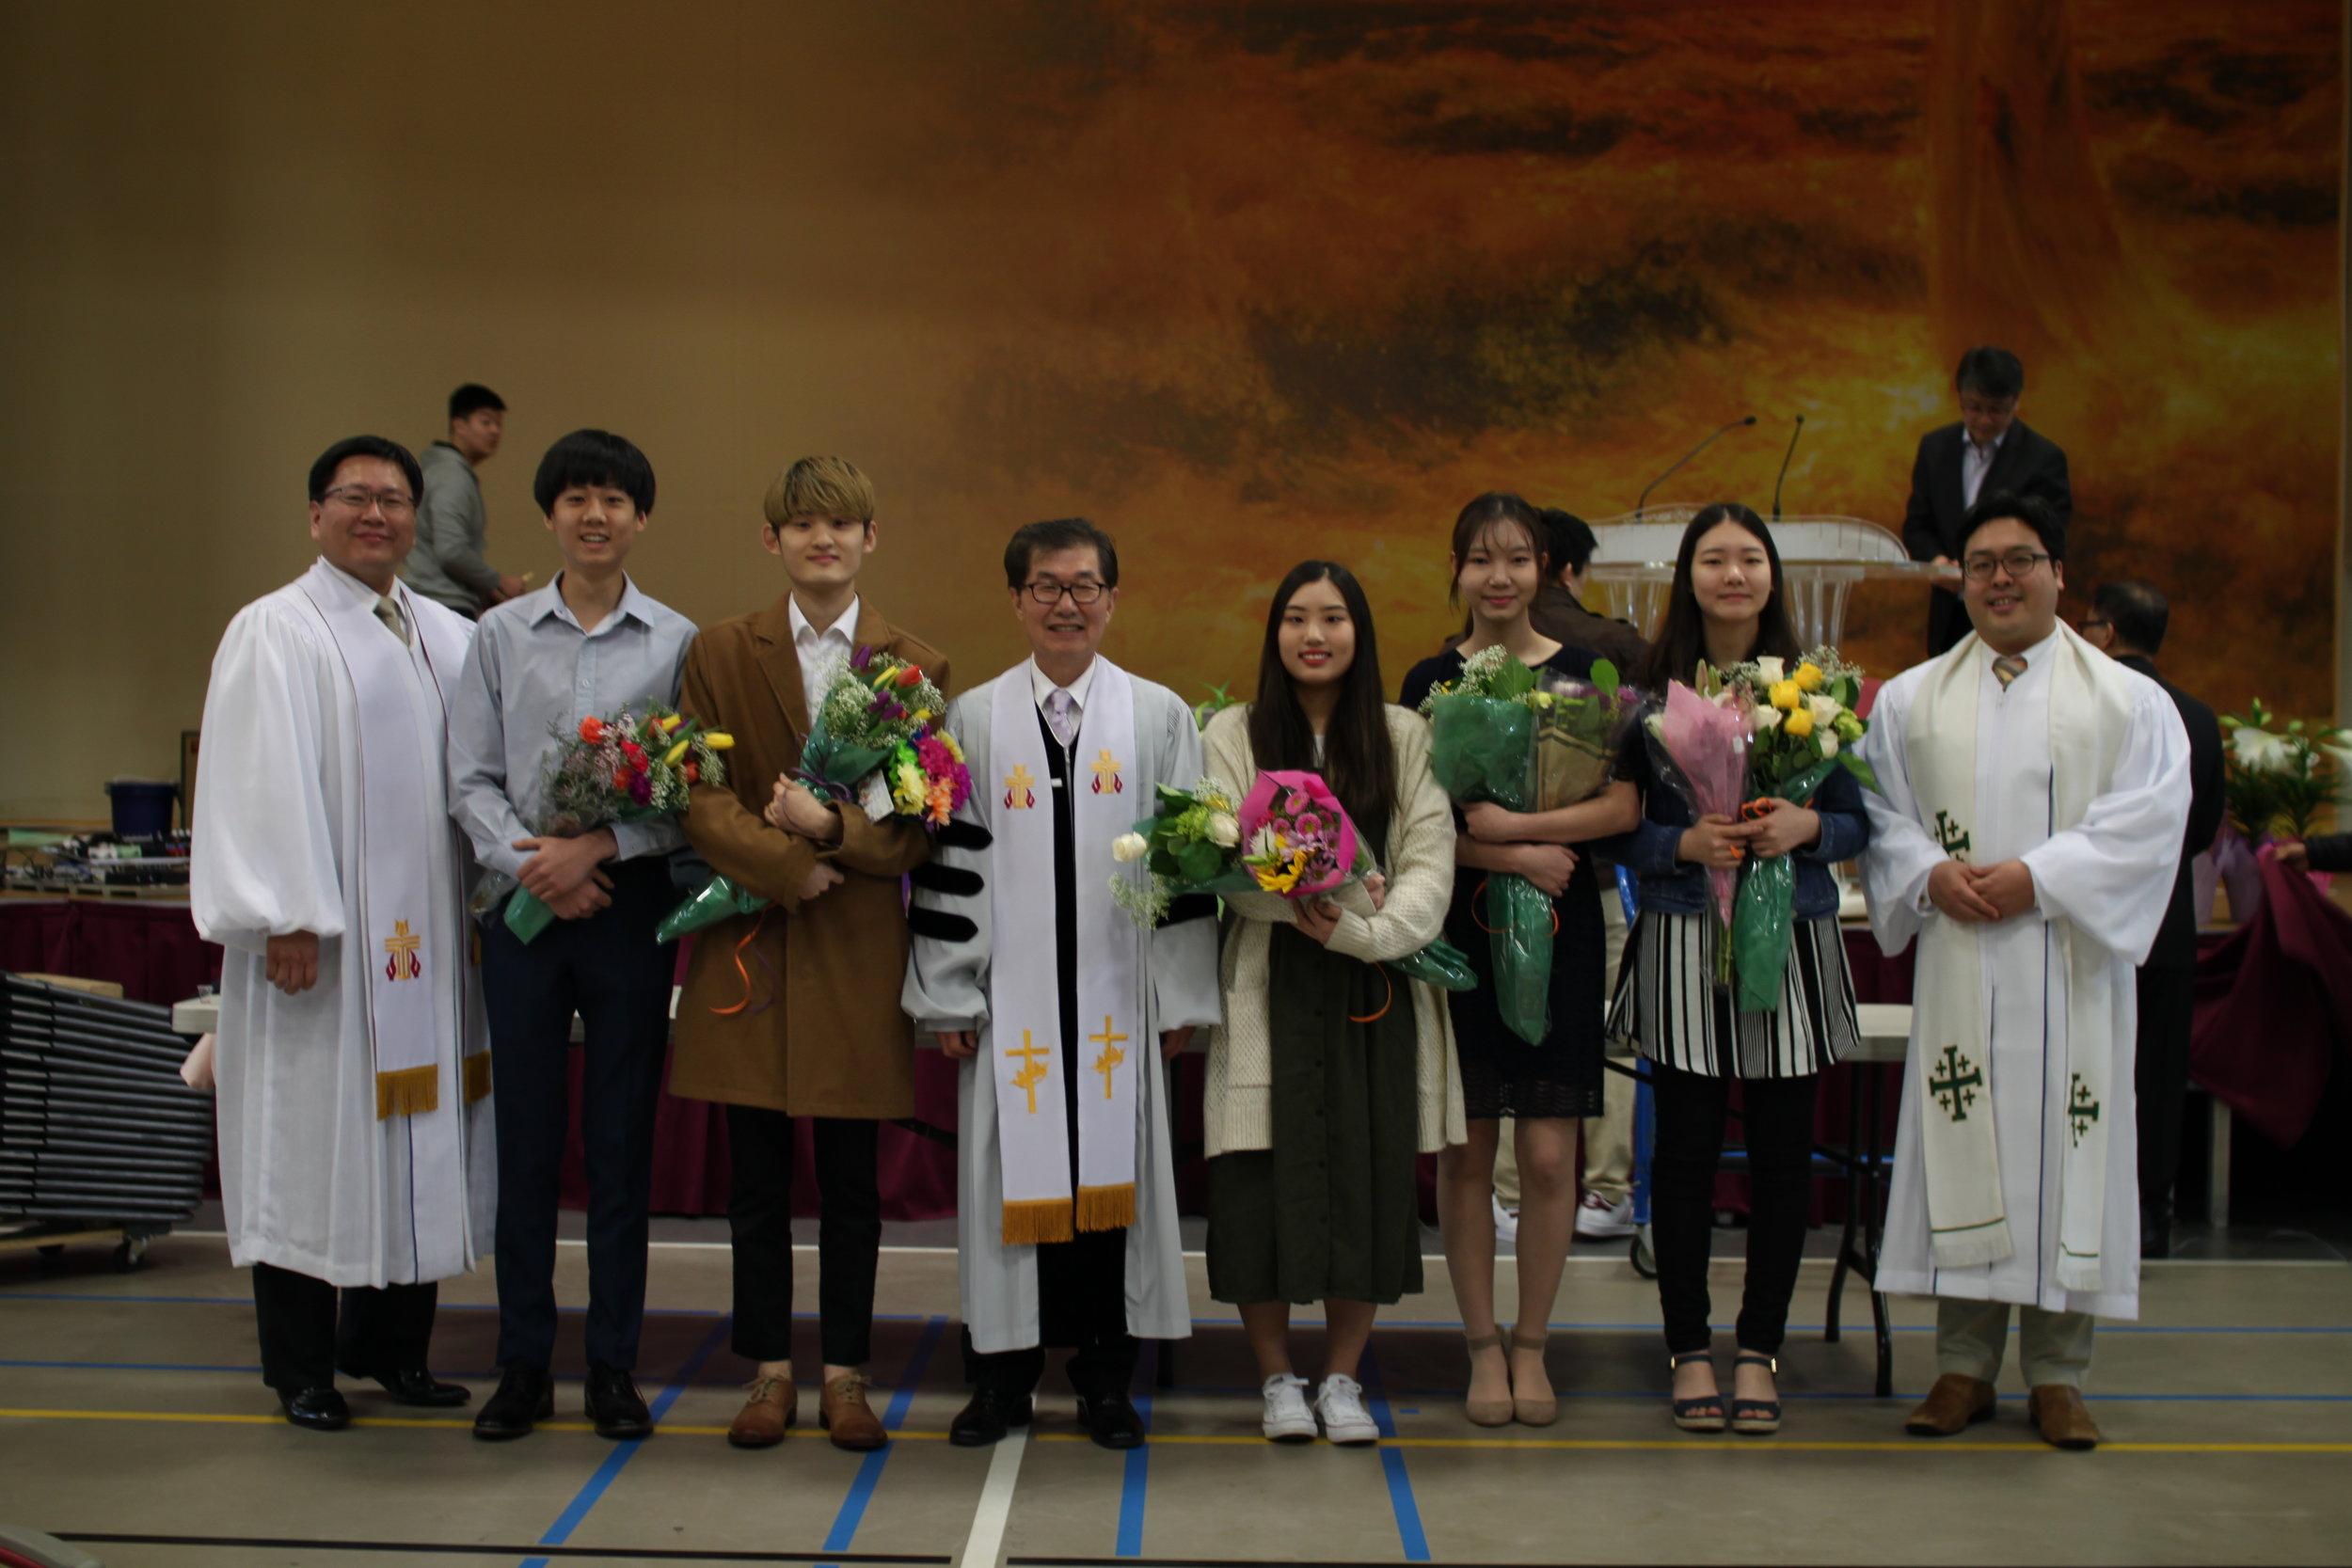 2018년 부활절 세례받으신 분들